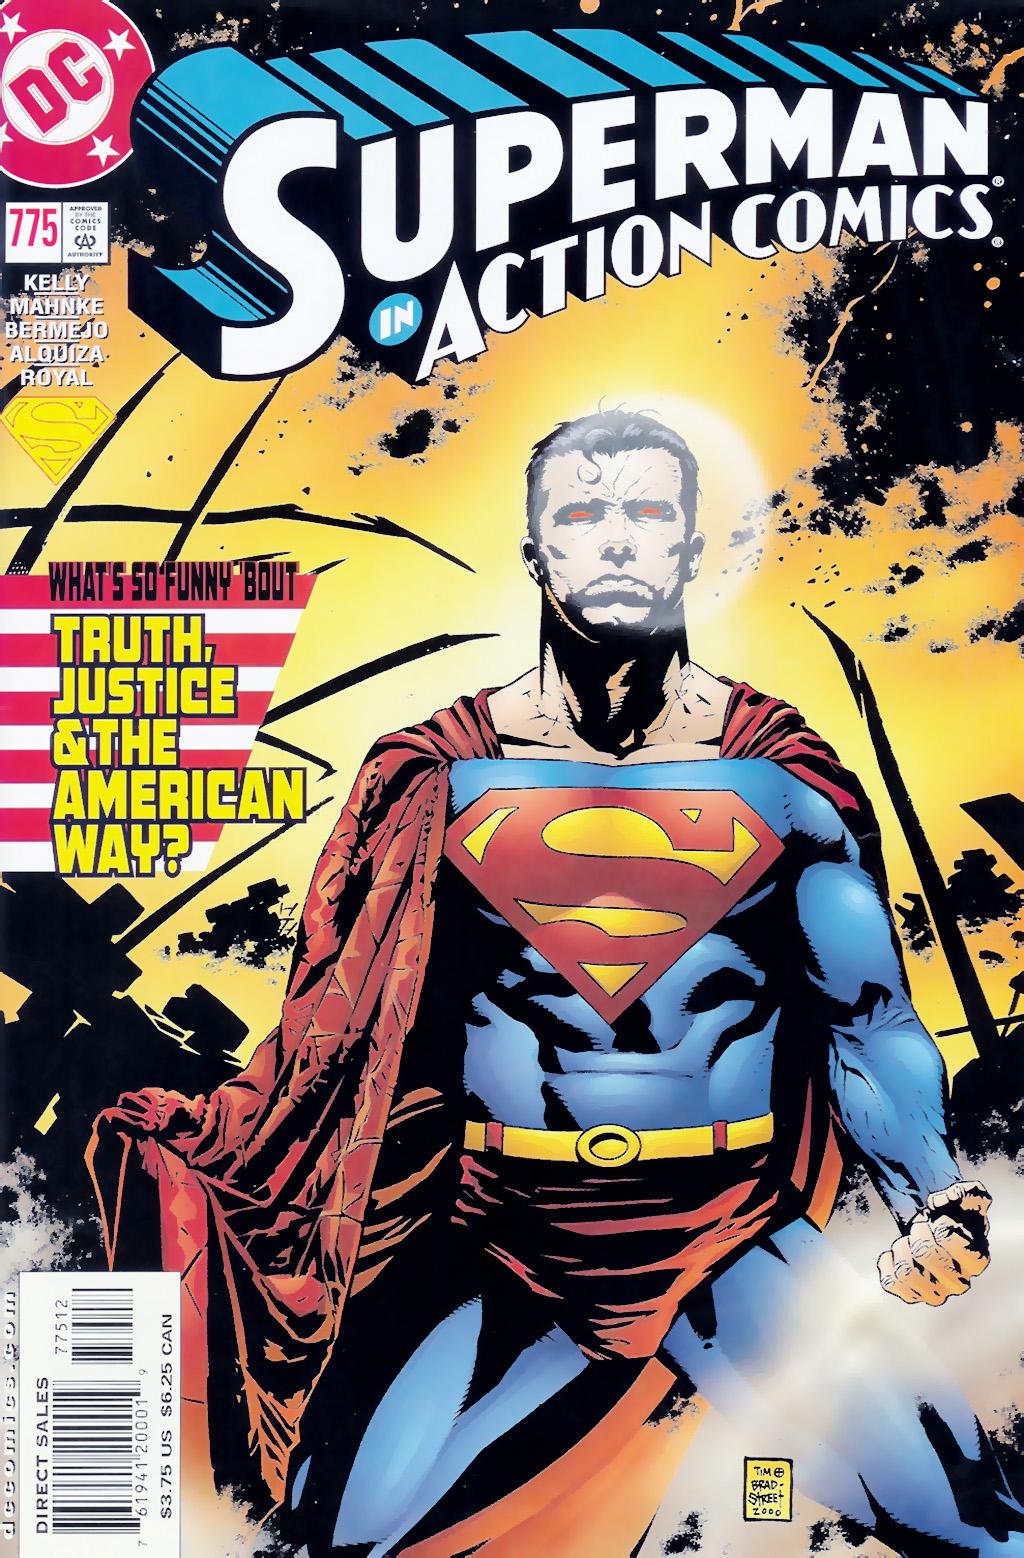 История Супермена иэволюция его образа вкомиксах | Канобу - Изображение 38